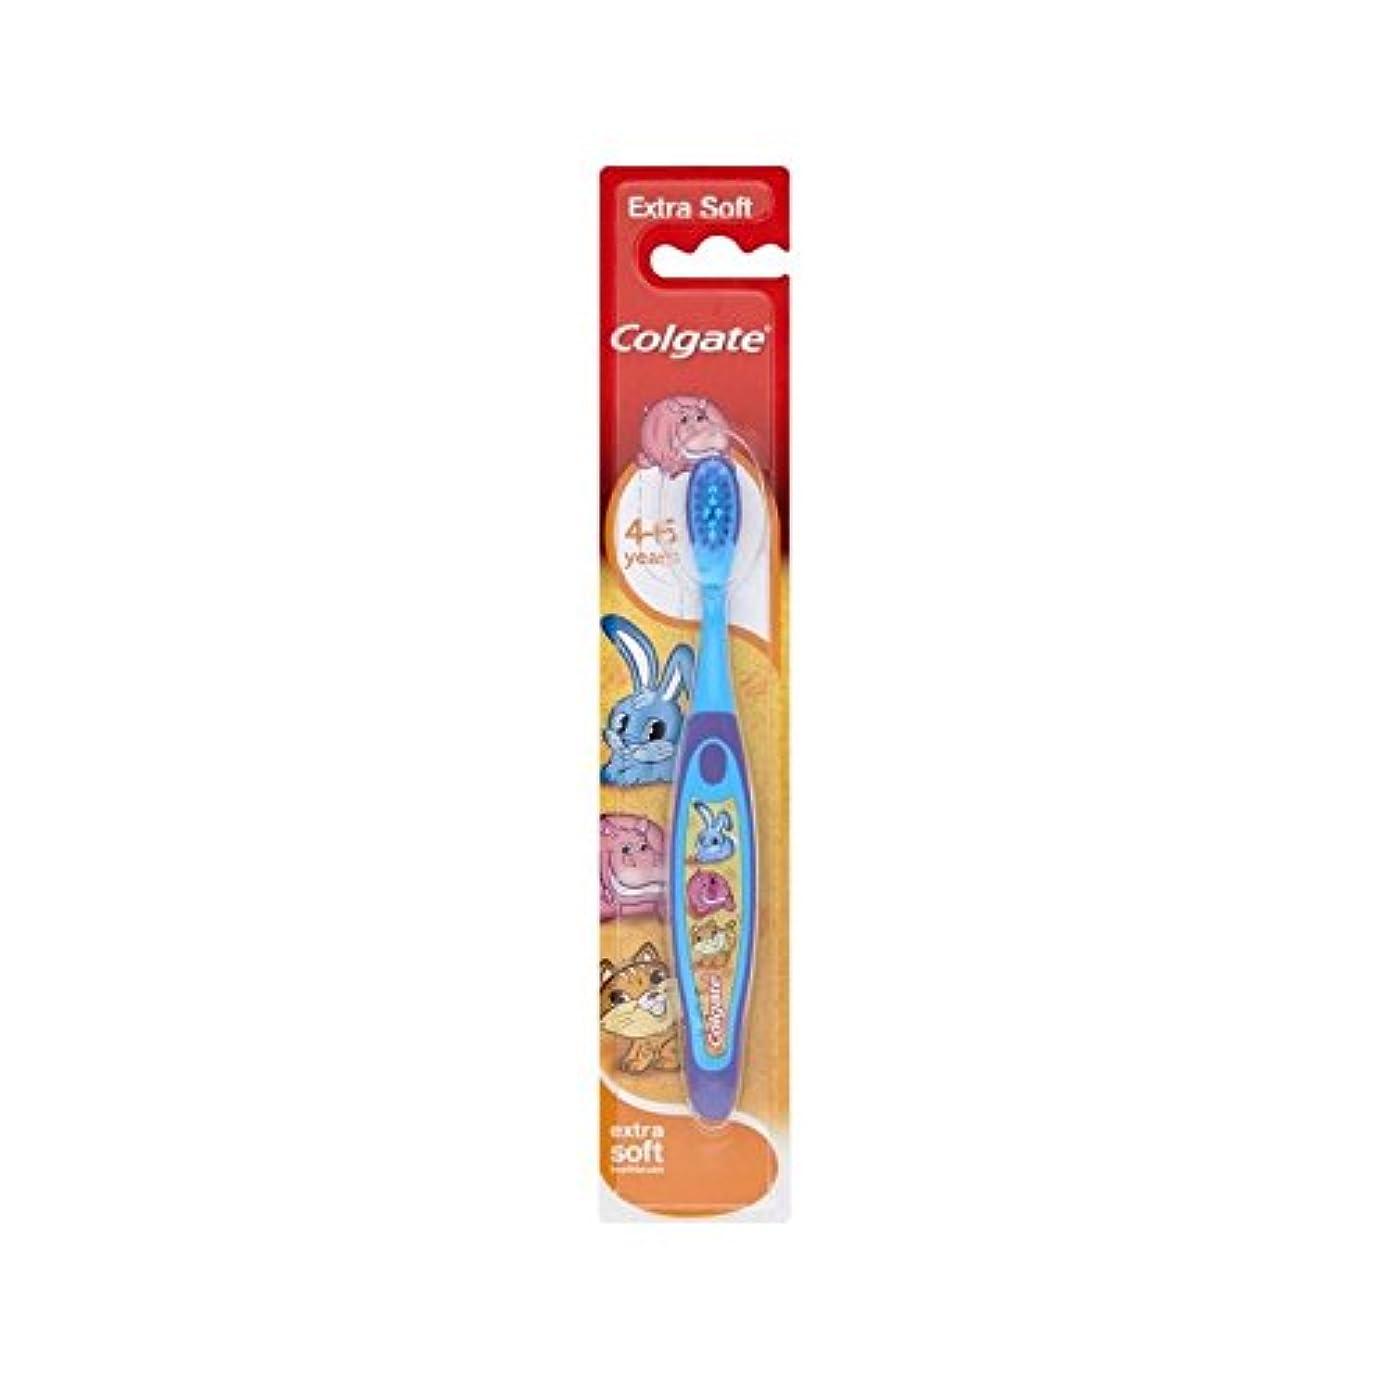 補足尋ねるも4-6歳の歯ブラシを笑顔 (Colgate) - Colgate Smiles 4-6 Years Old Toothbrush [並行輸入品]